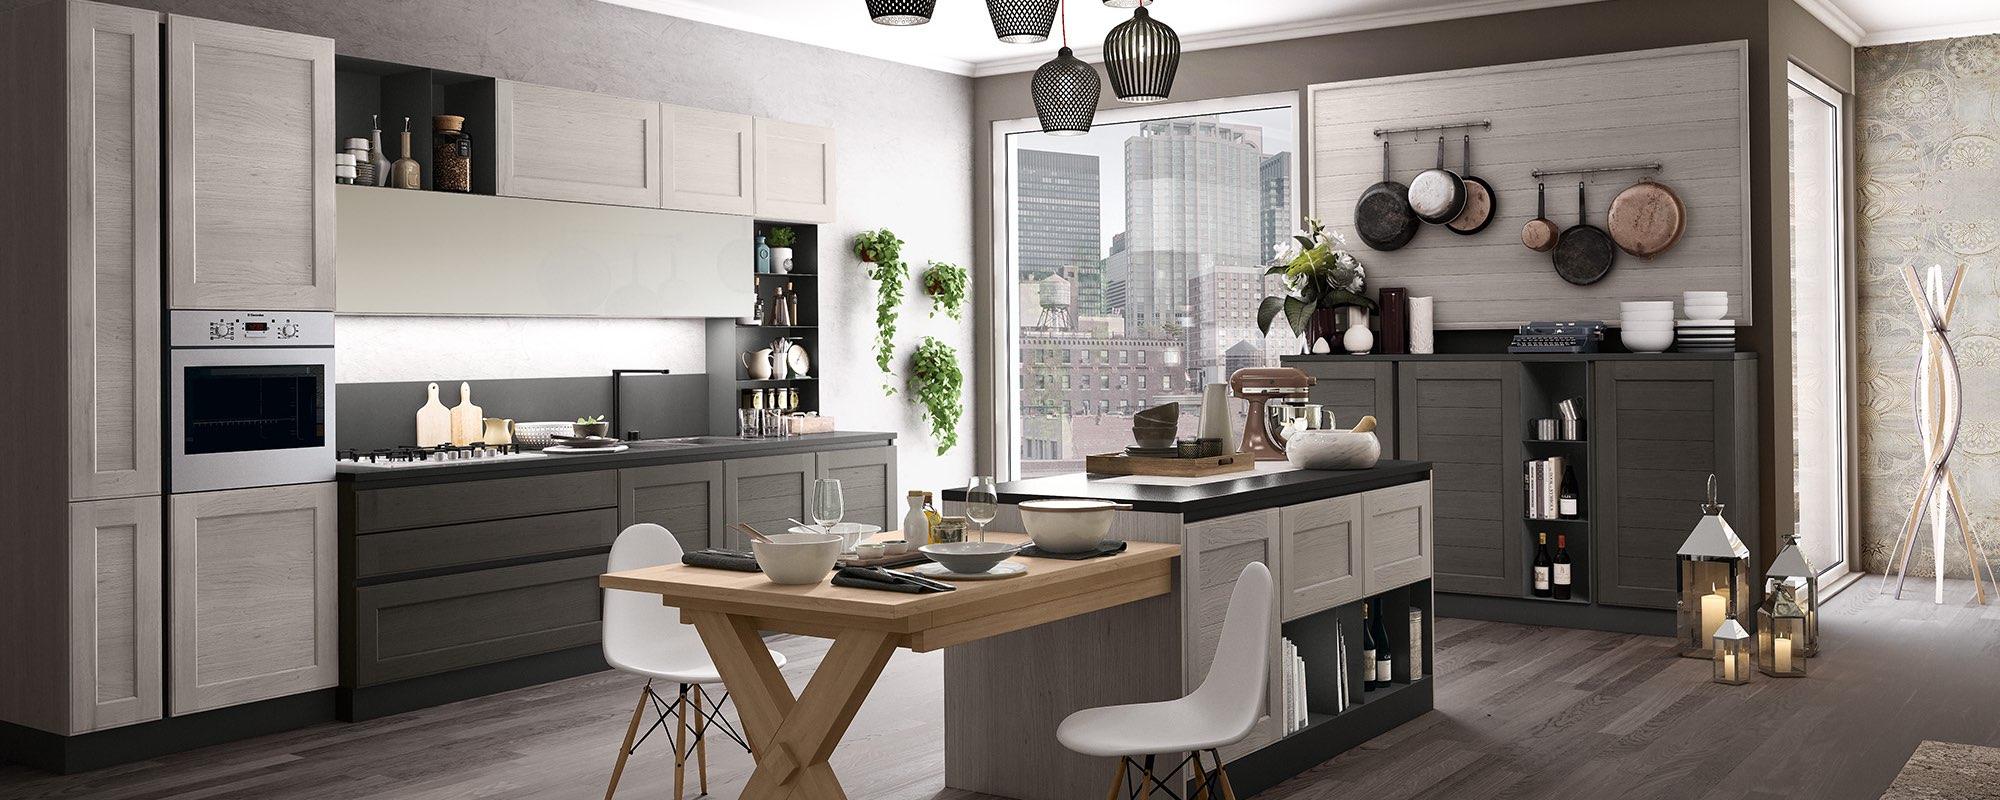 spazio disegno di una cucina contemporanea stosa con tavolo e sedie- YORK